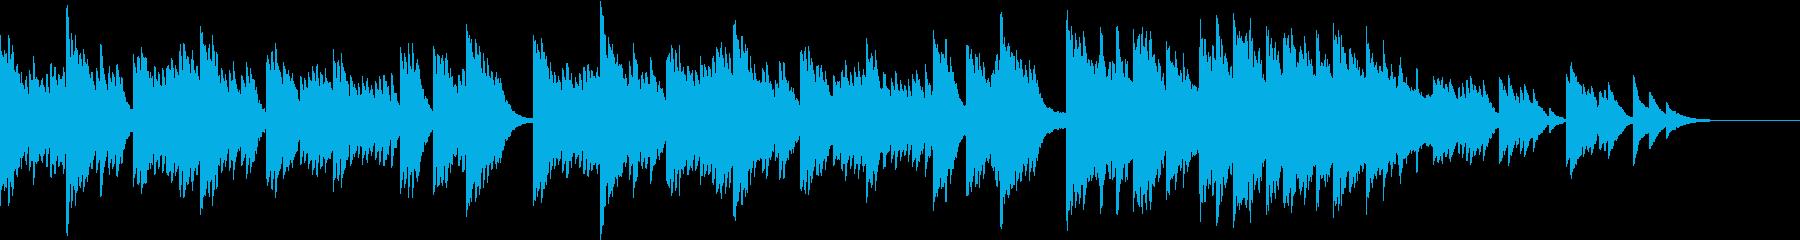 ほっと心が温まる優しいエレピの冬の曲の再生済みの波形